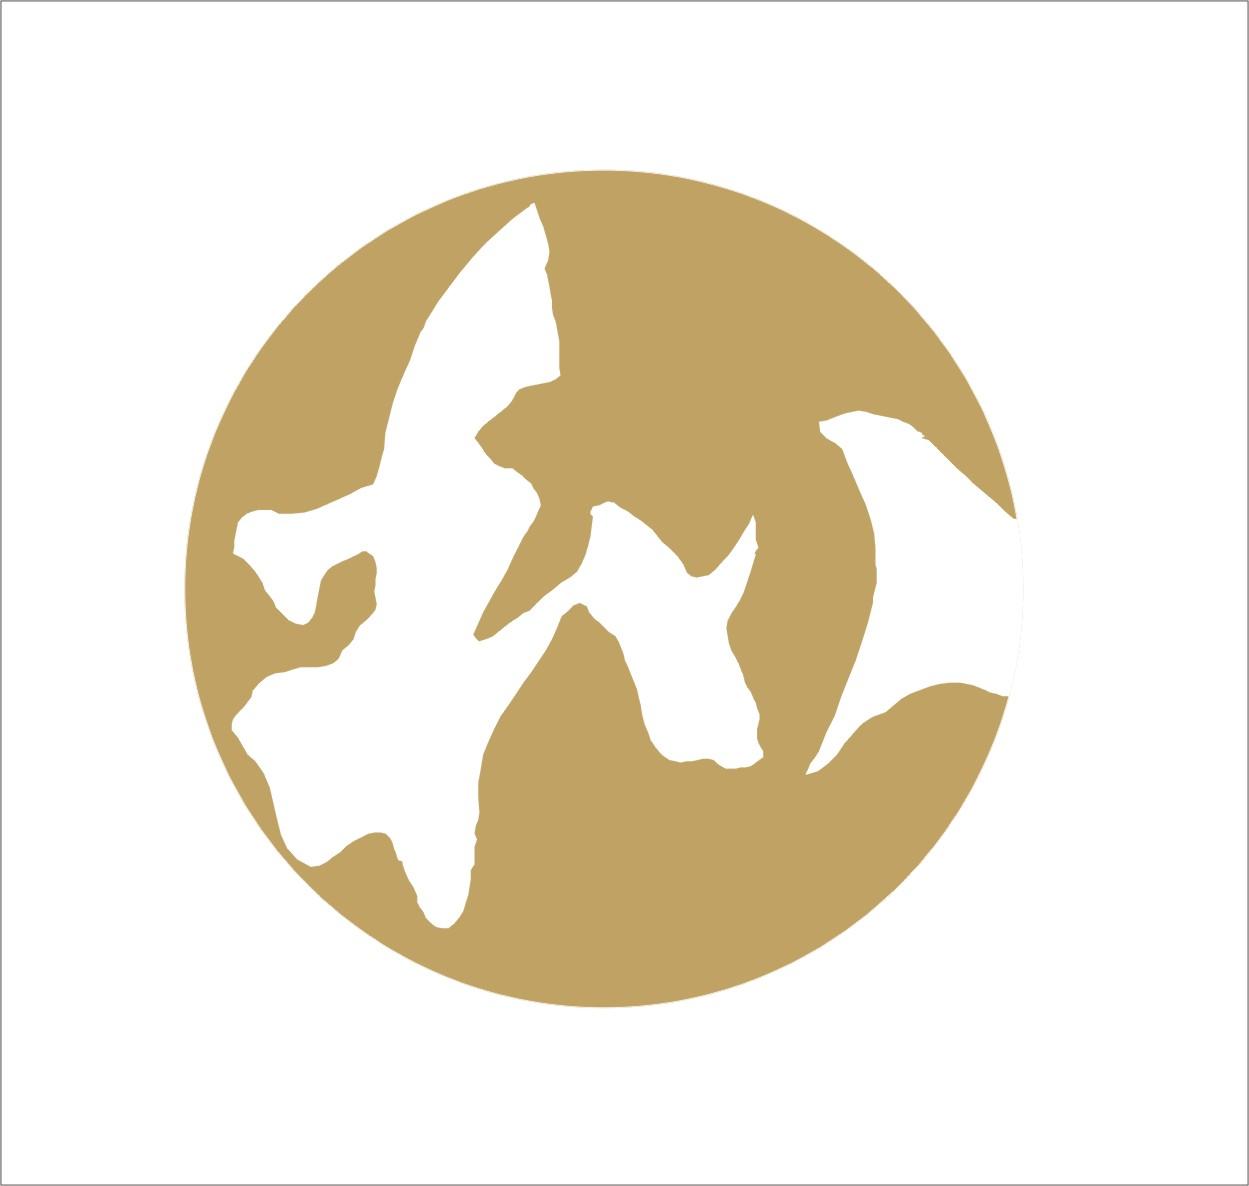 会议传达、学习了合肥市保密委2013年工作会议和市委常委、保密委主任杨思松有关保密工作的讲话精神;通报了全省11例失泄密和渉密计算机违规连接互联网情况的案件;对本协作组2013年保密工作进行了研究部署。